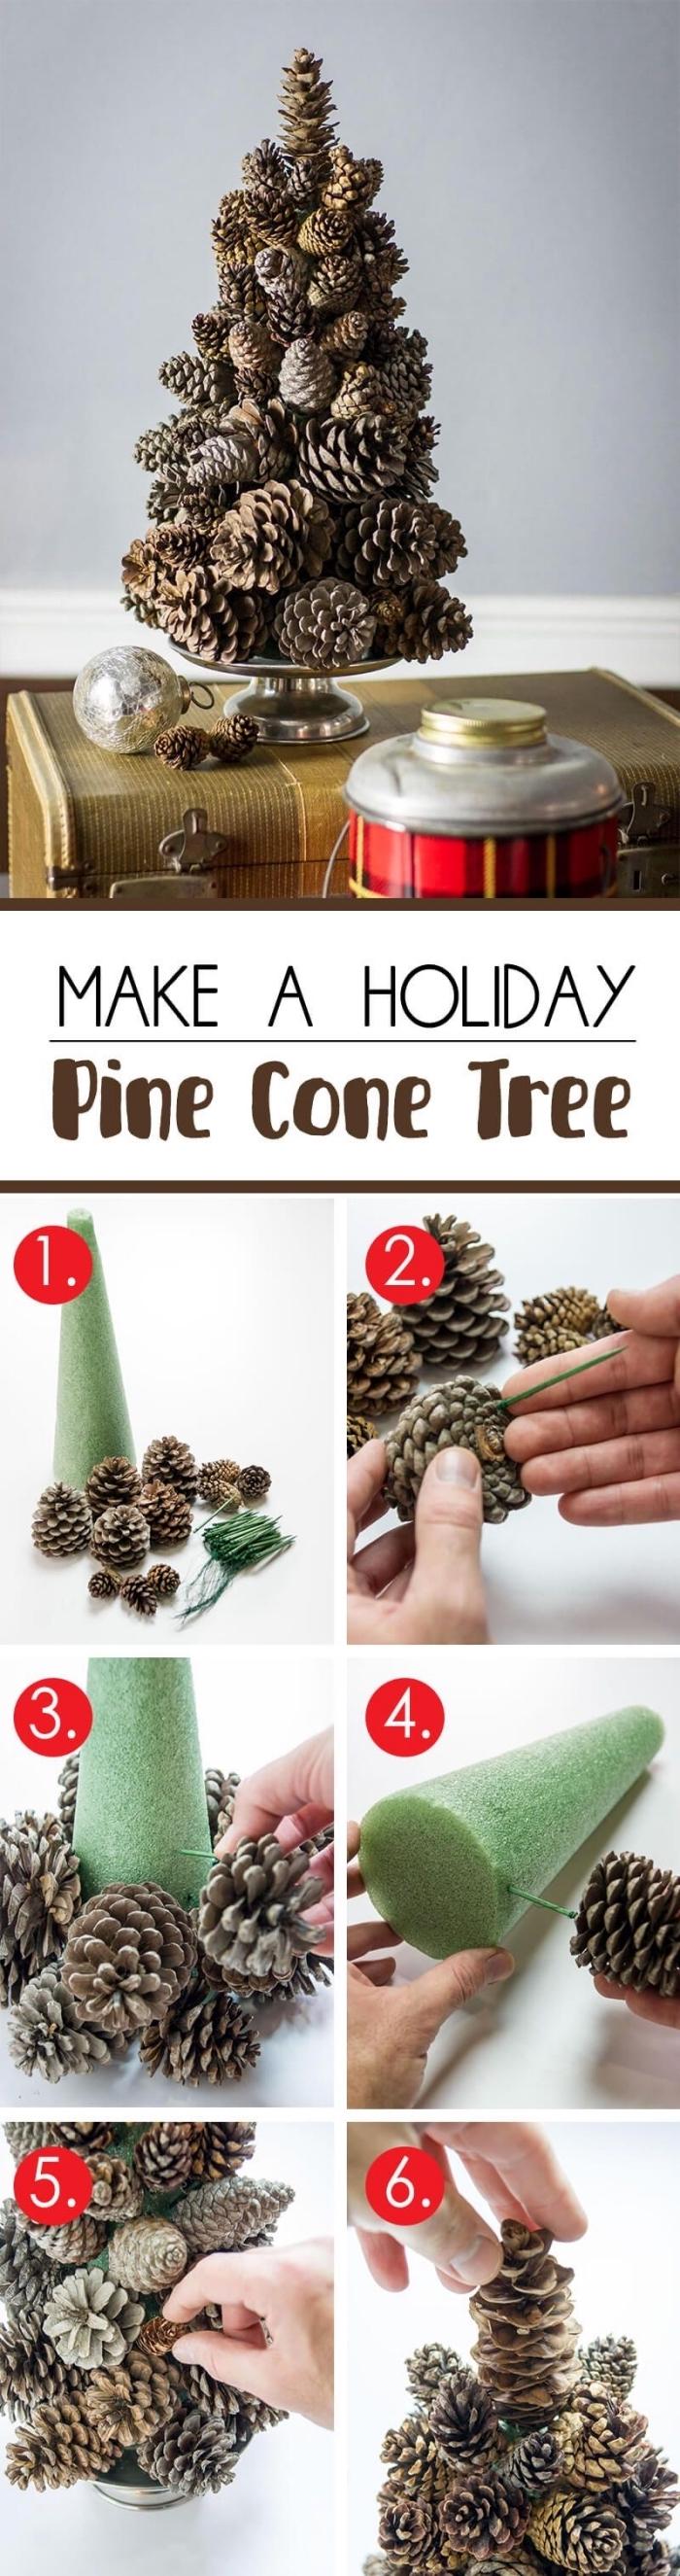 étapes à suivre pour apprendre comment réaliser un sapin en pomme de pin, diy mini sapin en pommes de pins